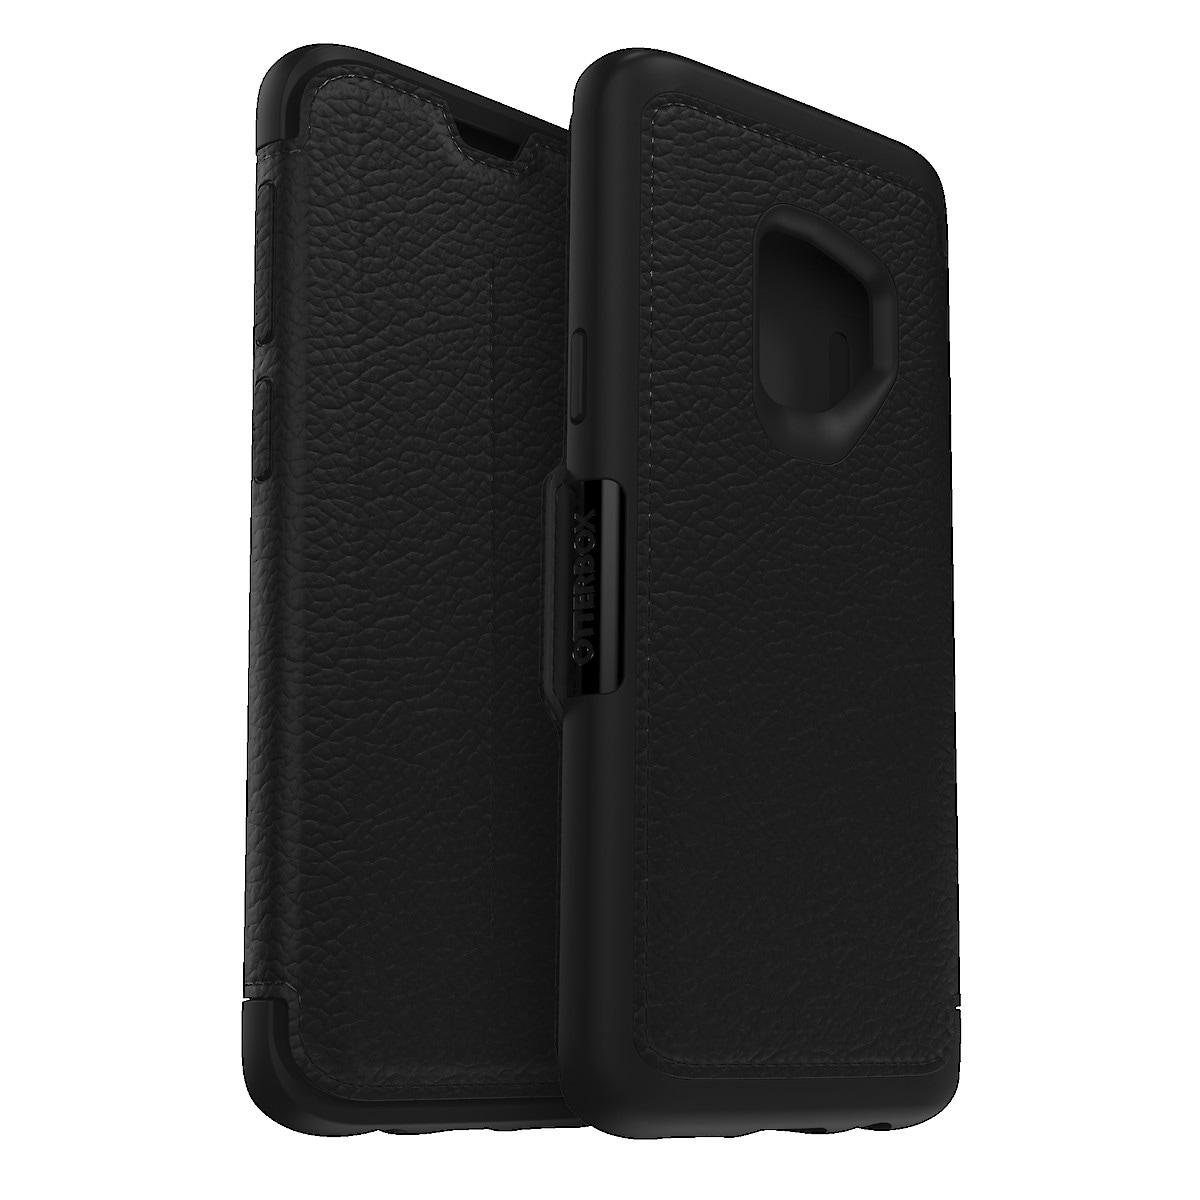 Schutzcover für Samsung Galaxy S9, Otterbox Strada